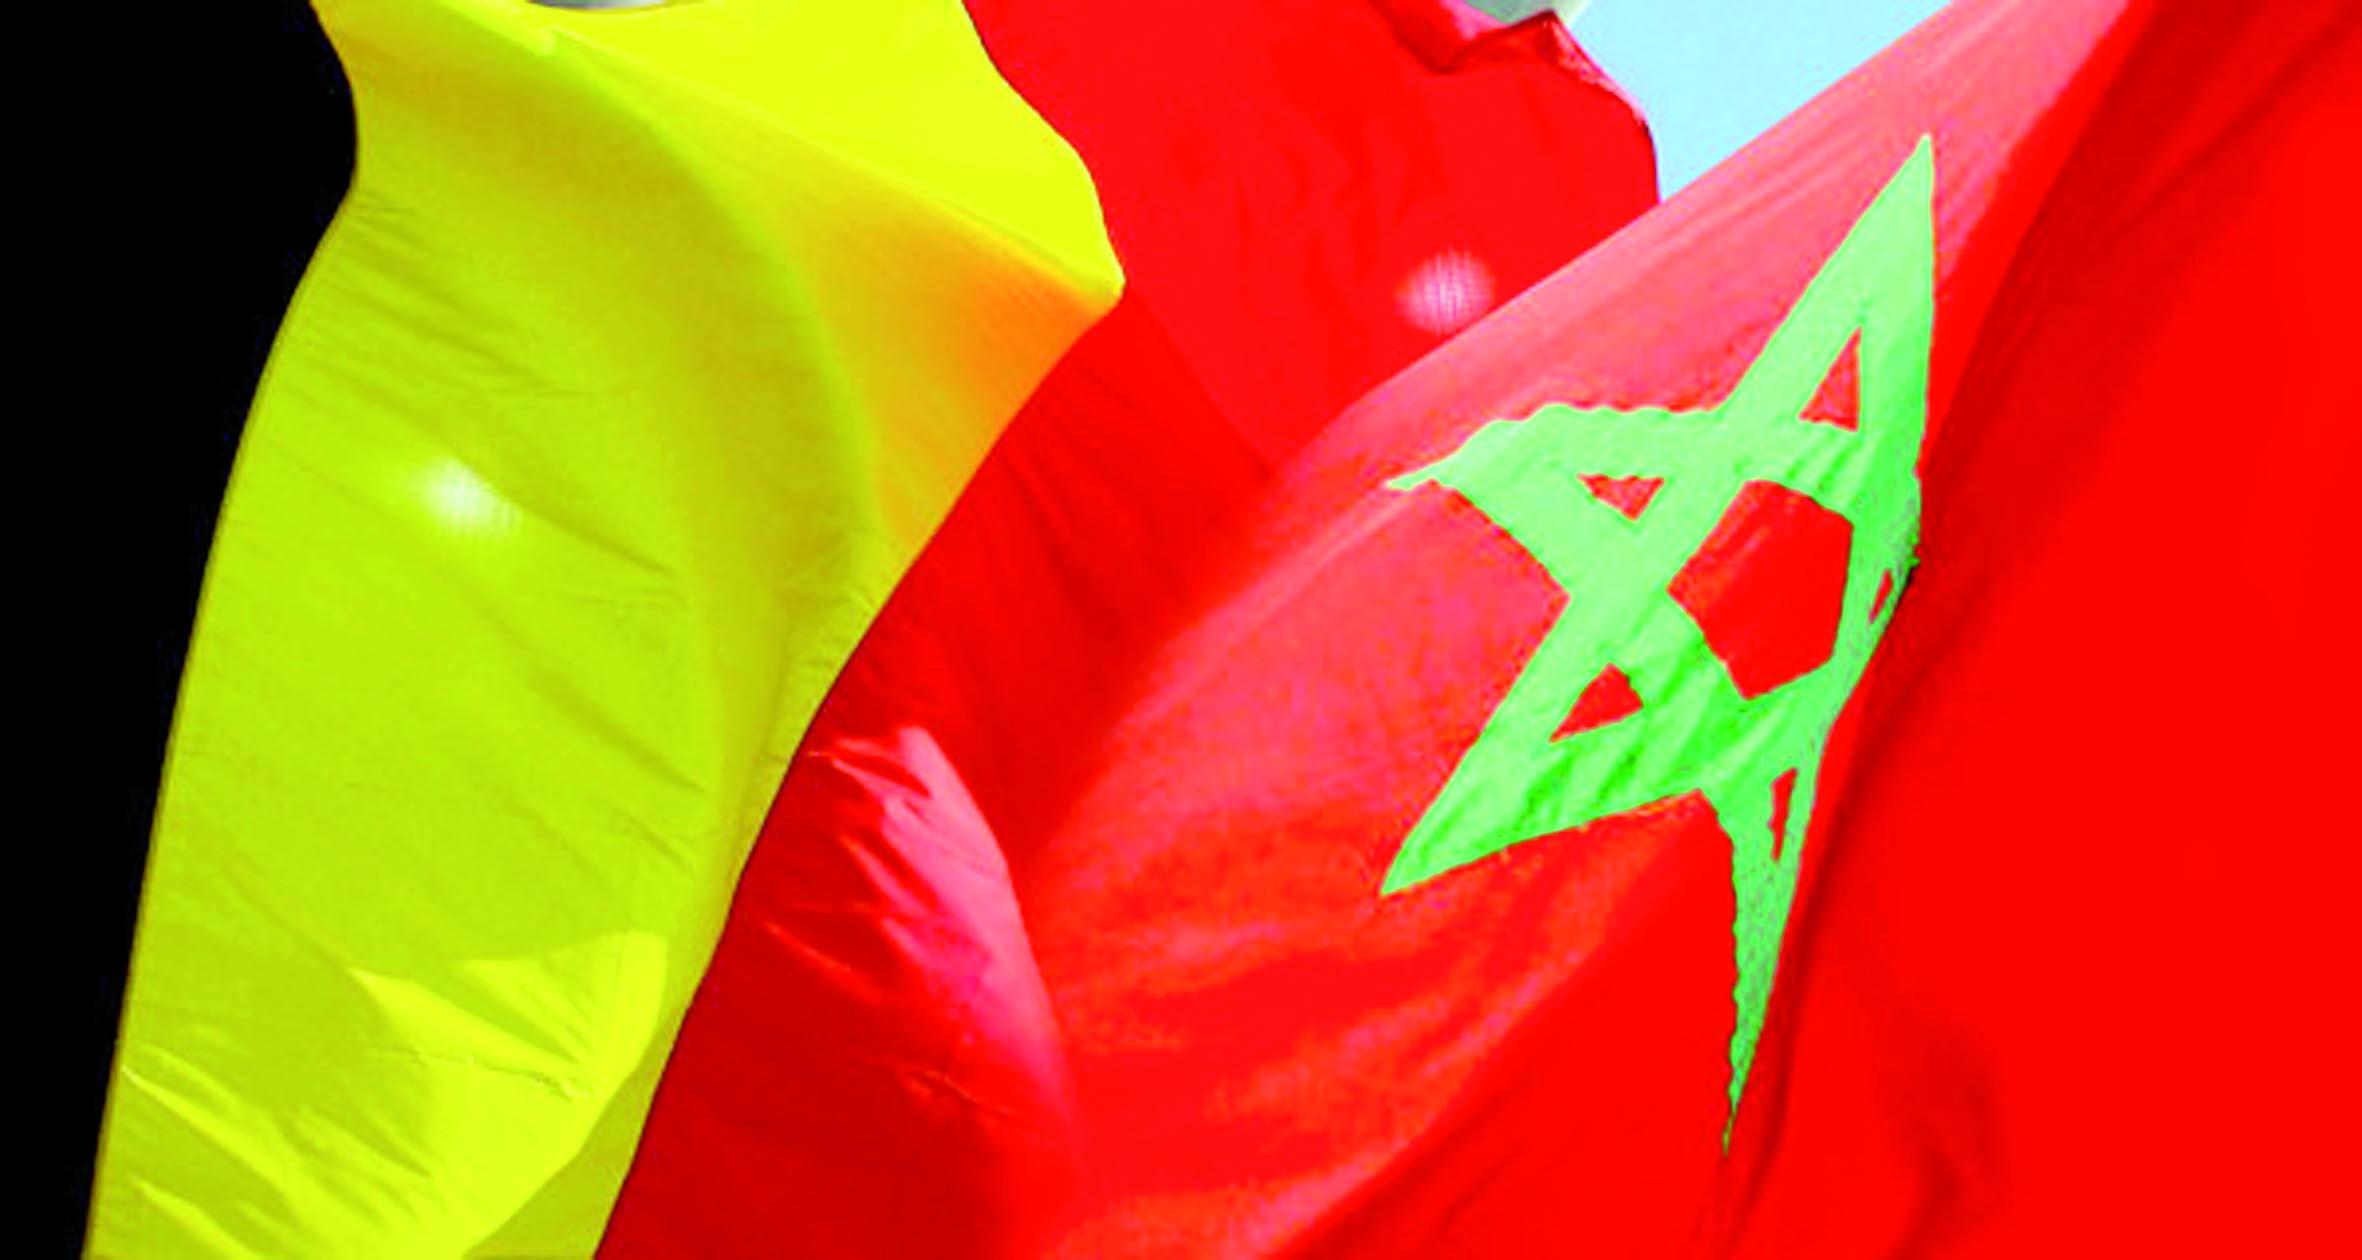 Réunion des commissions maroco-belges de coopération judiciaire